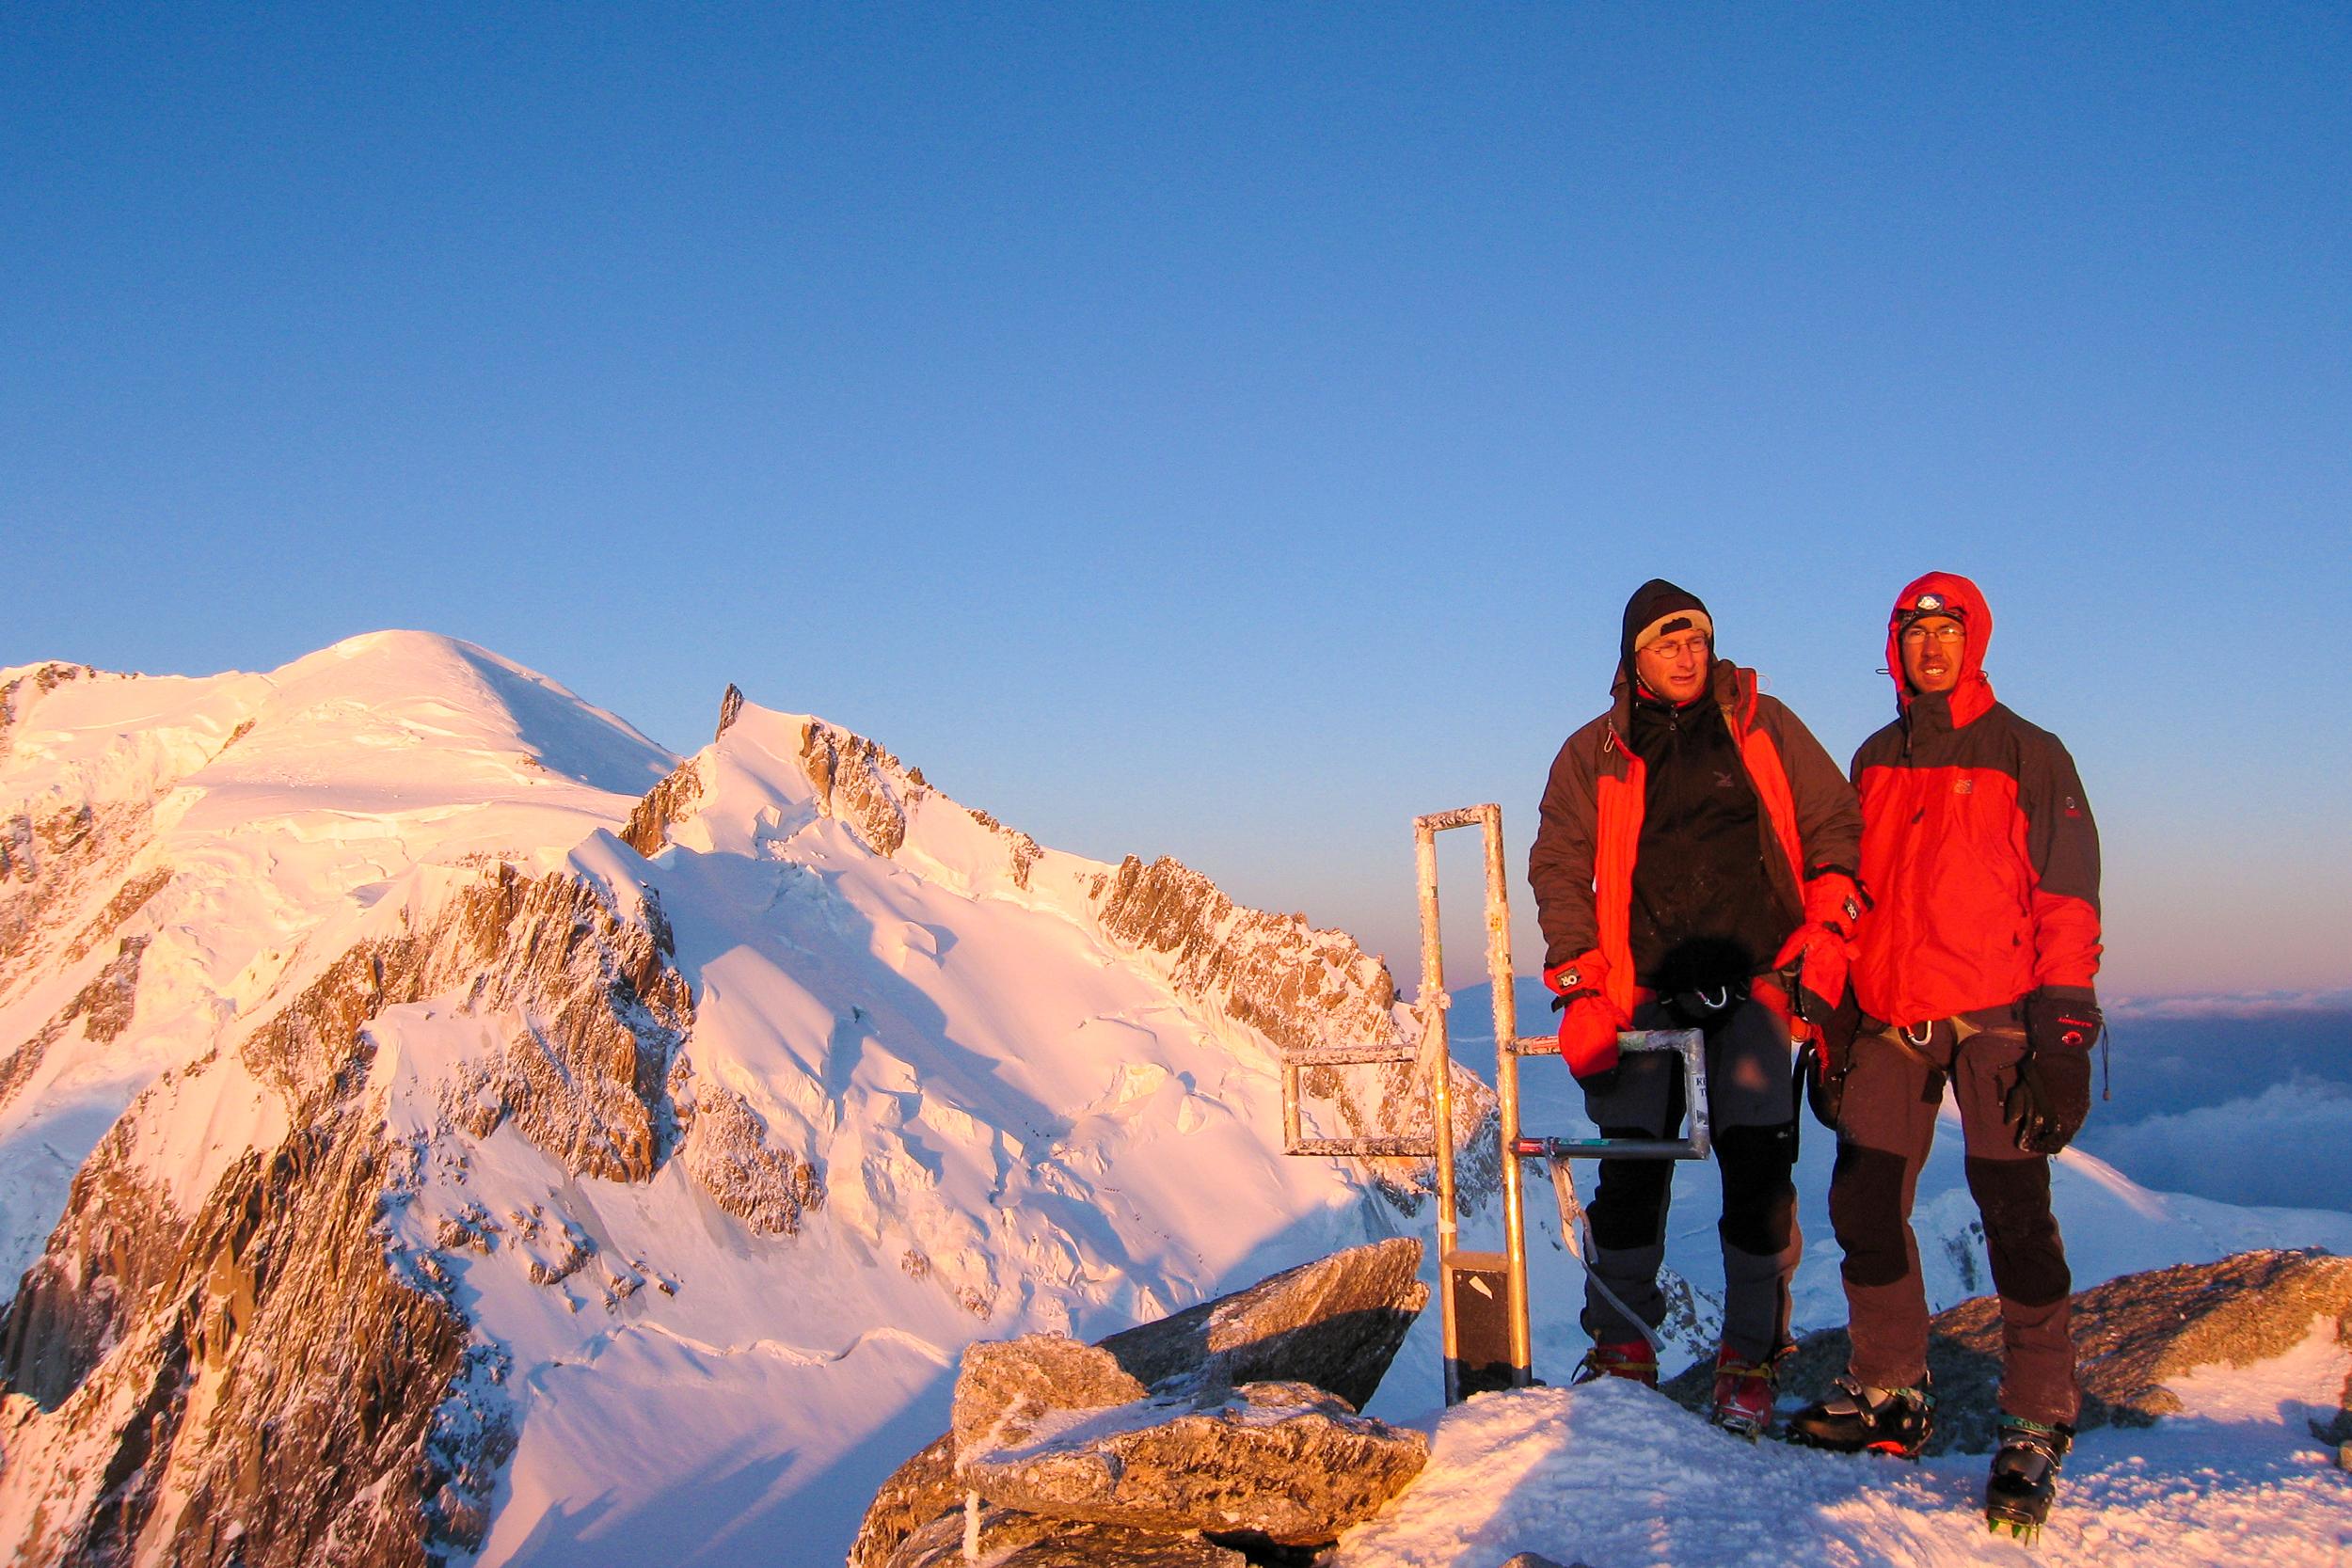 Sonnenaufgang am Mont Blanc du Tacul mit Blick auf Mont Blanc und Mont Maudit.